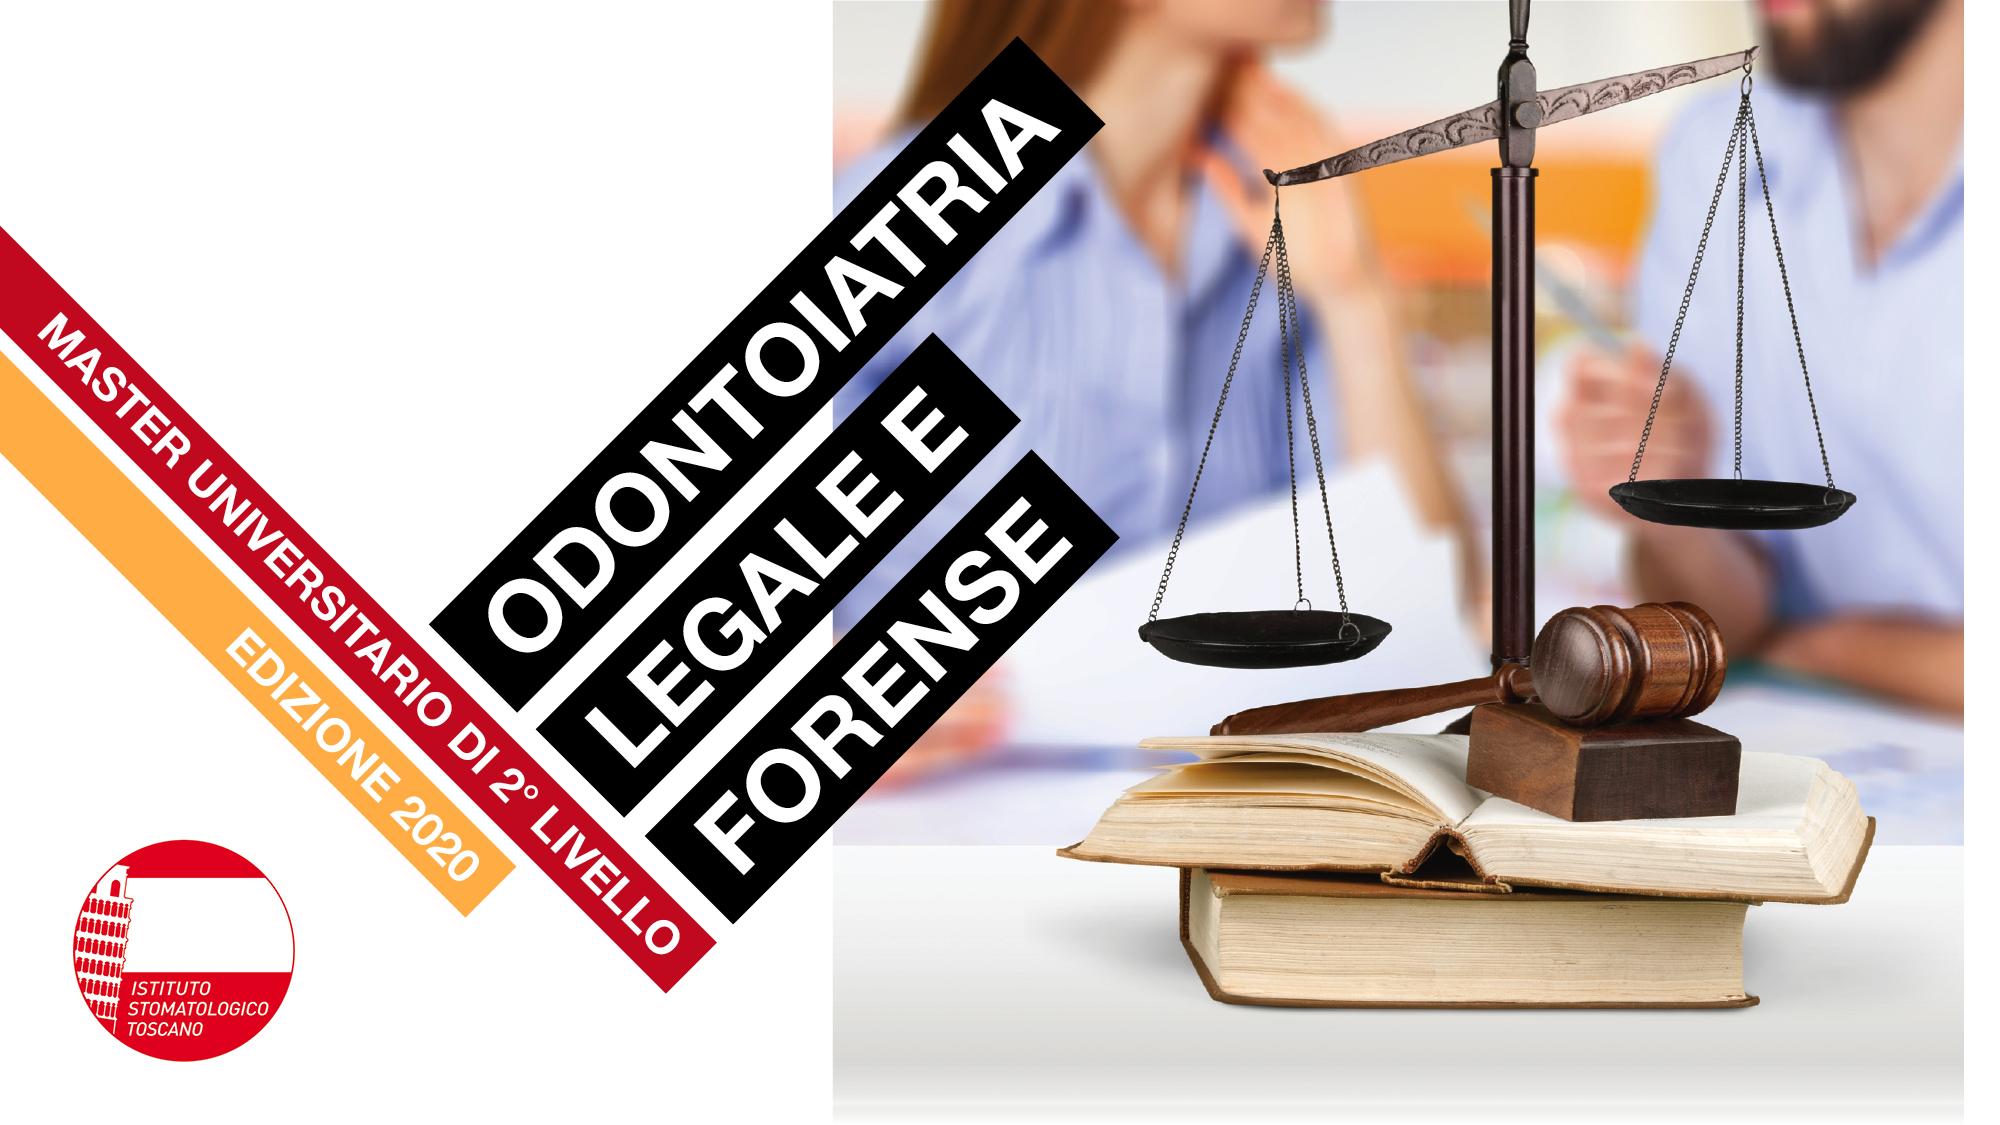 Master 2° livello in odontoiatria legale e forense 2019/2020